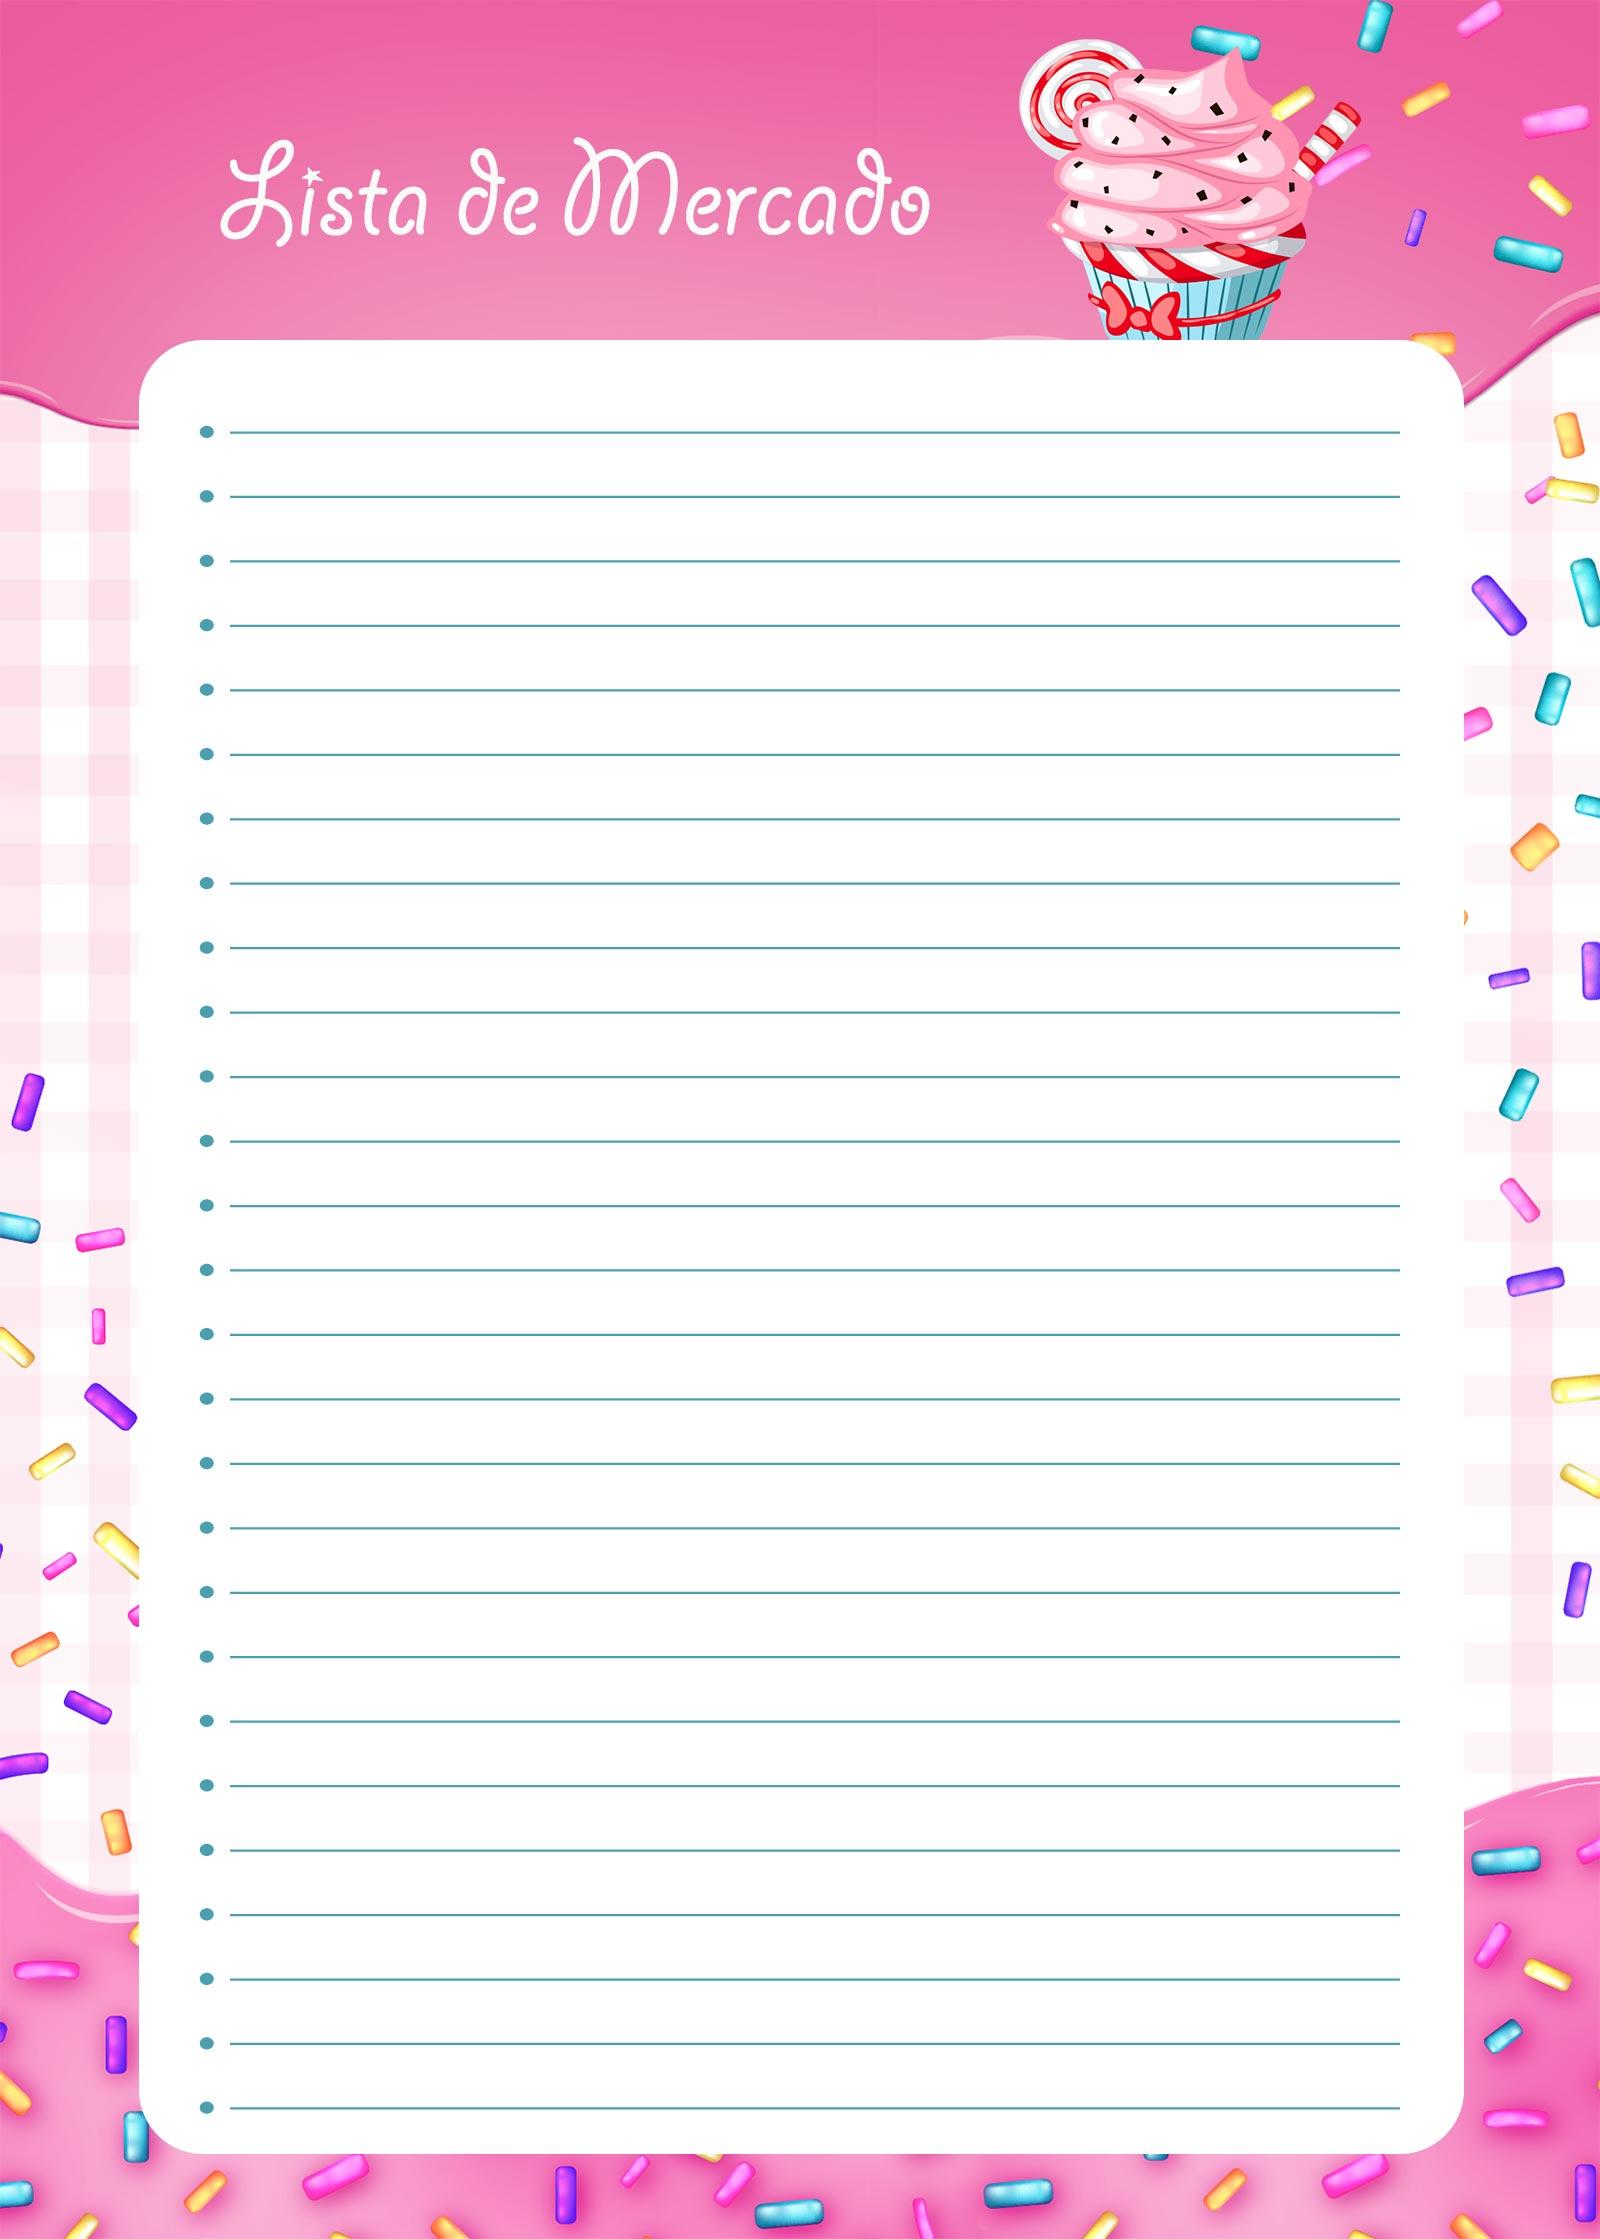 Planner Cupcake lista de mercado